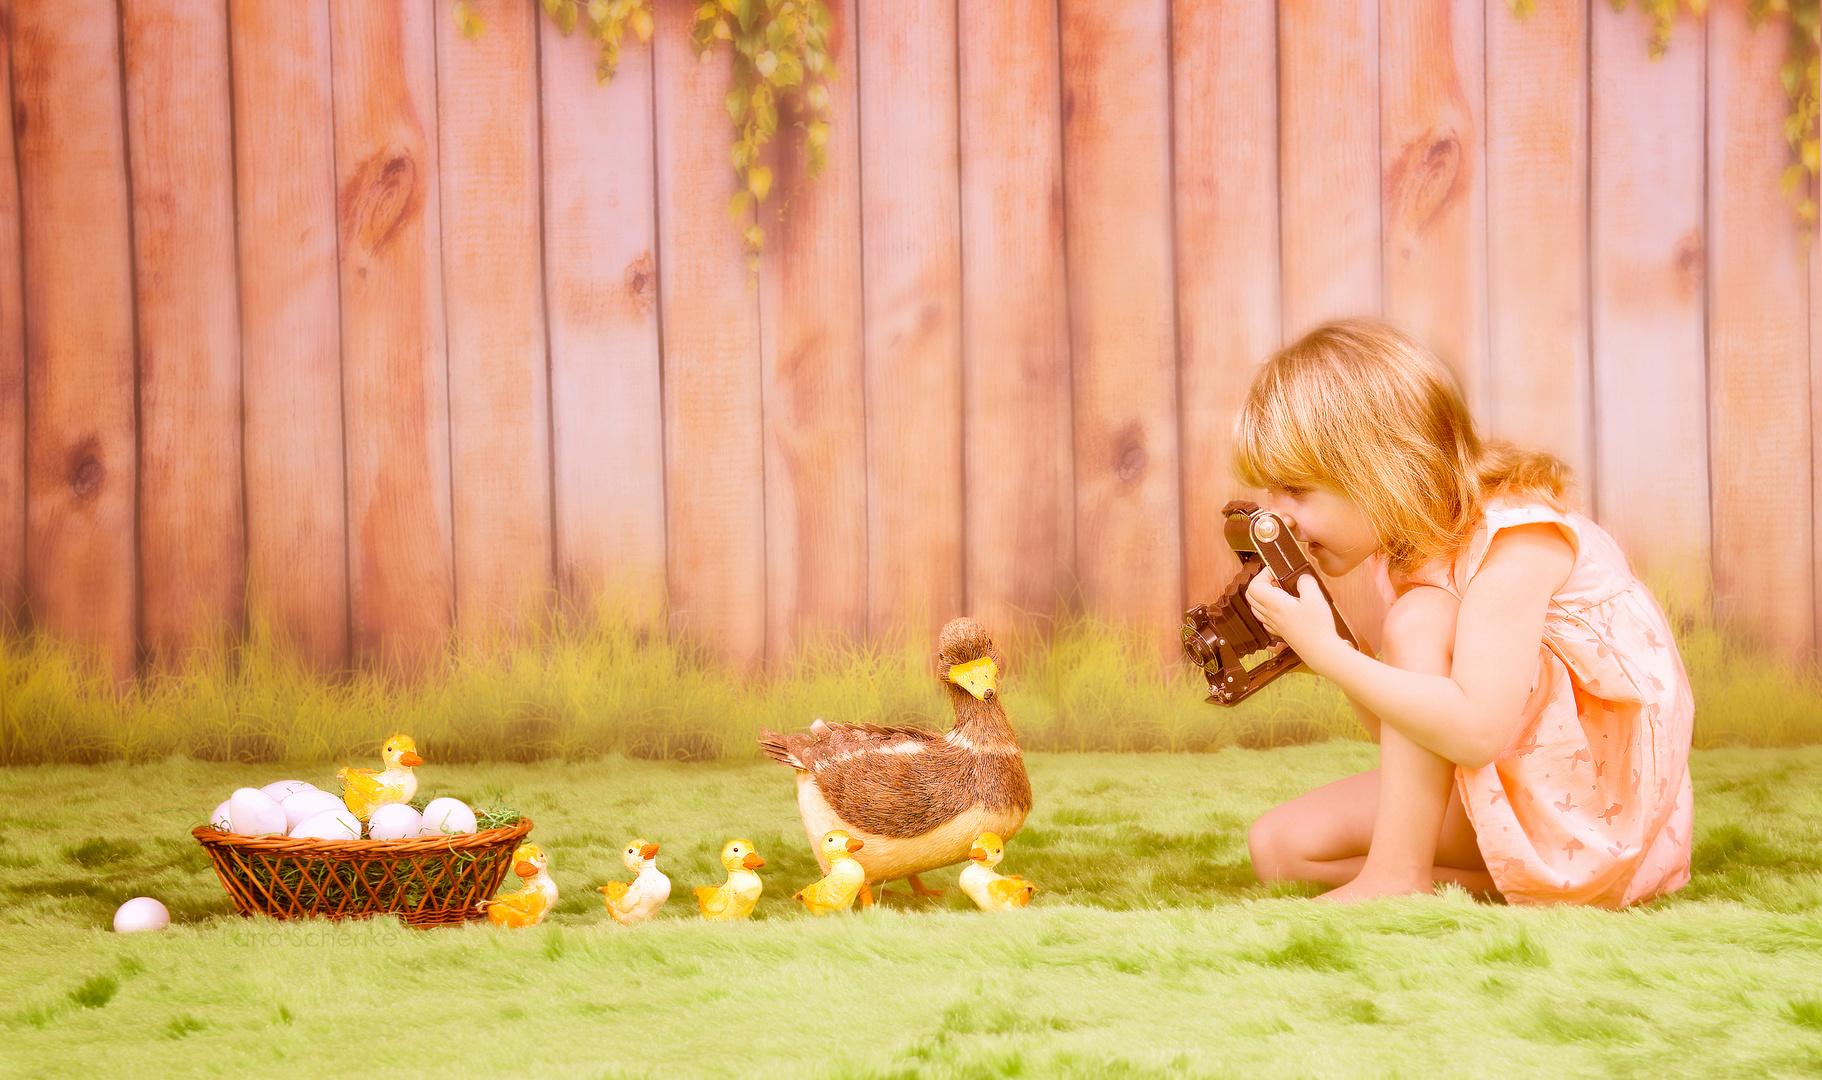 Die kleine Fotografin